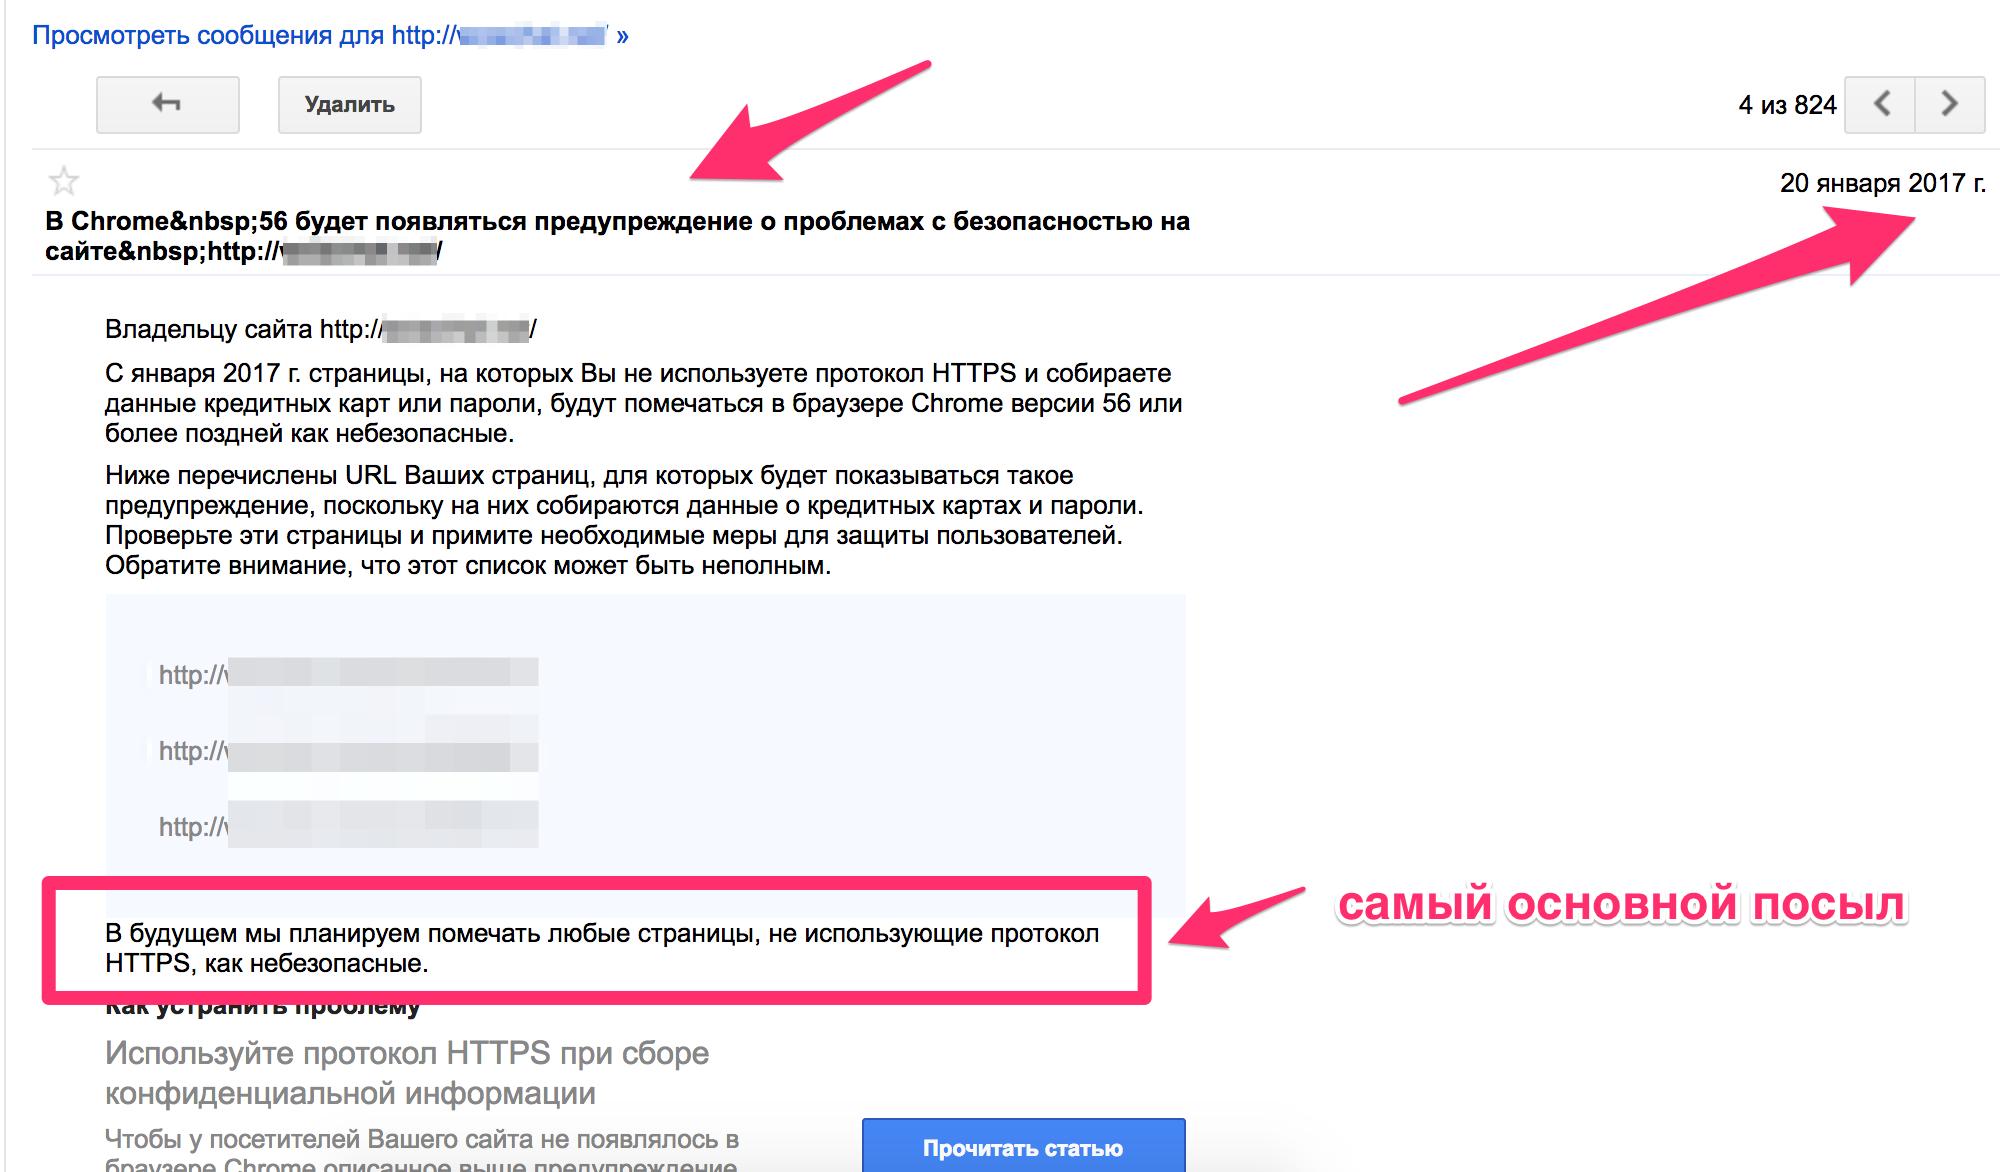 Новые письма счастья от Google по поводу HTTPS